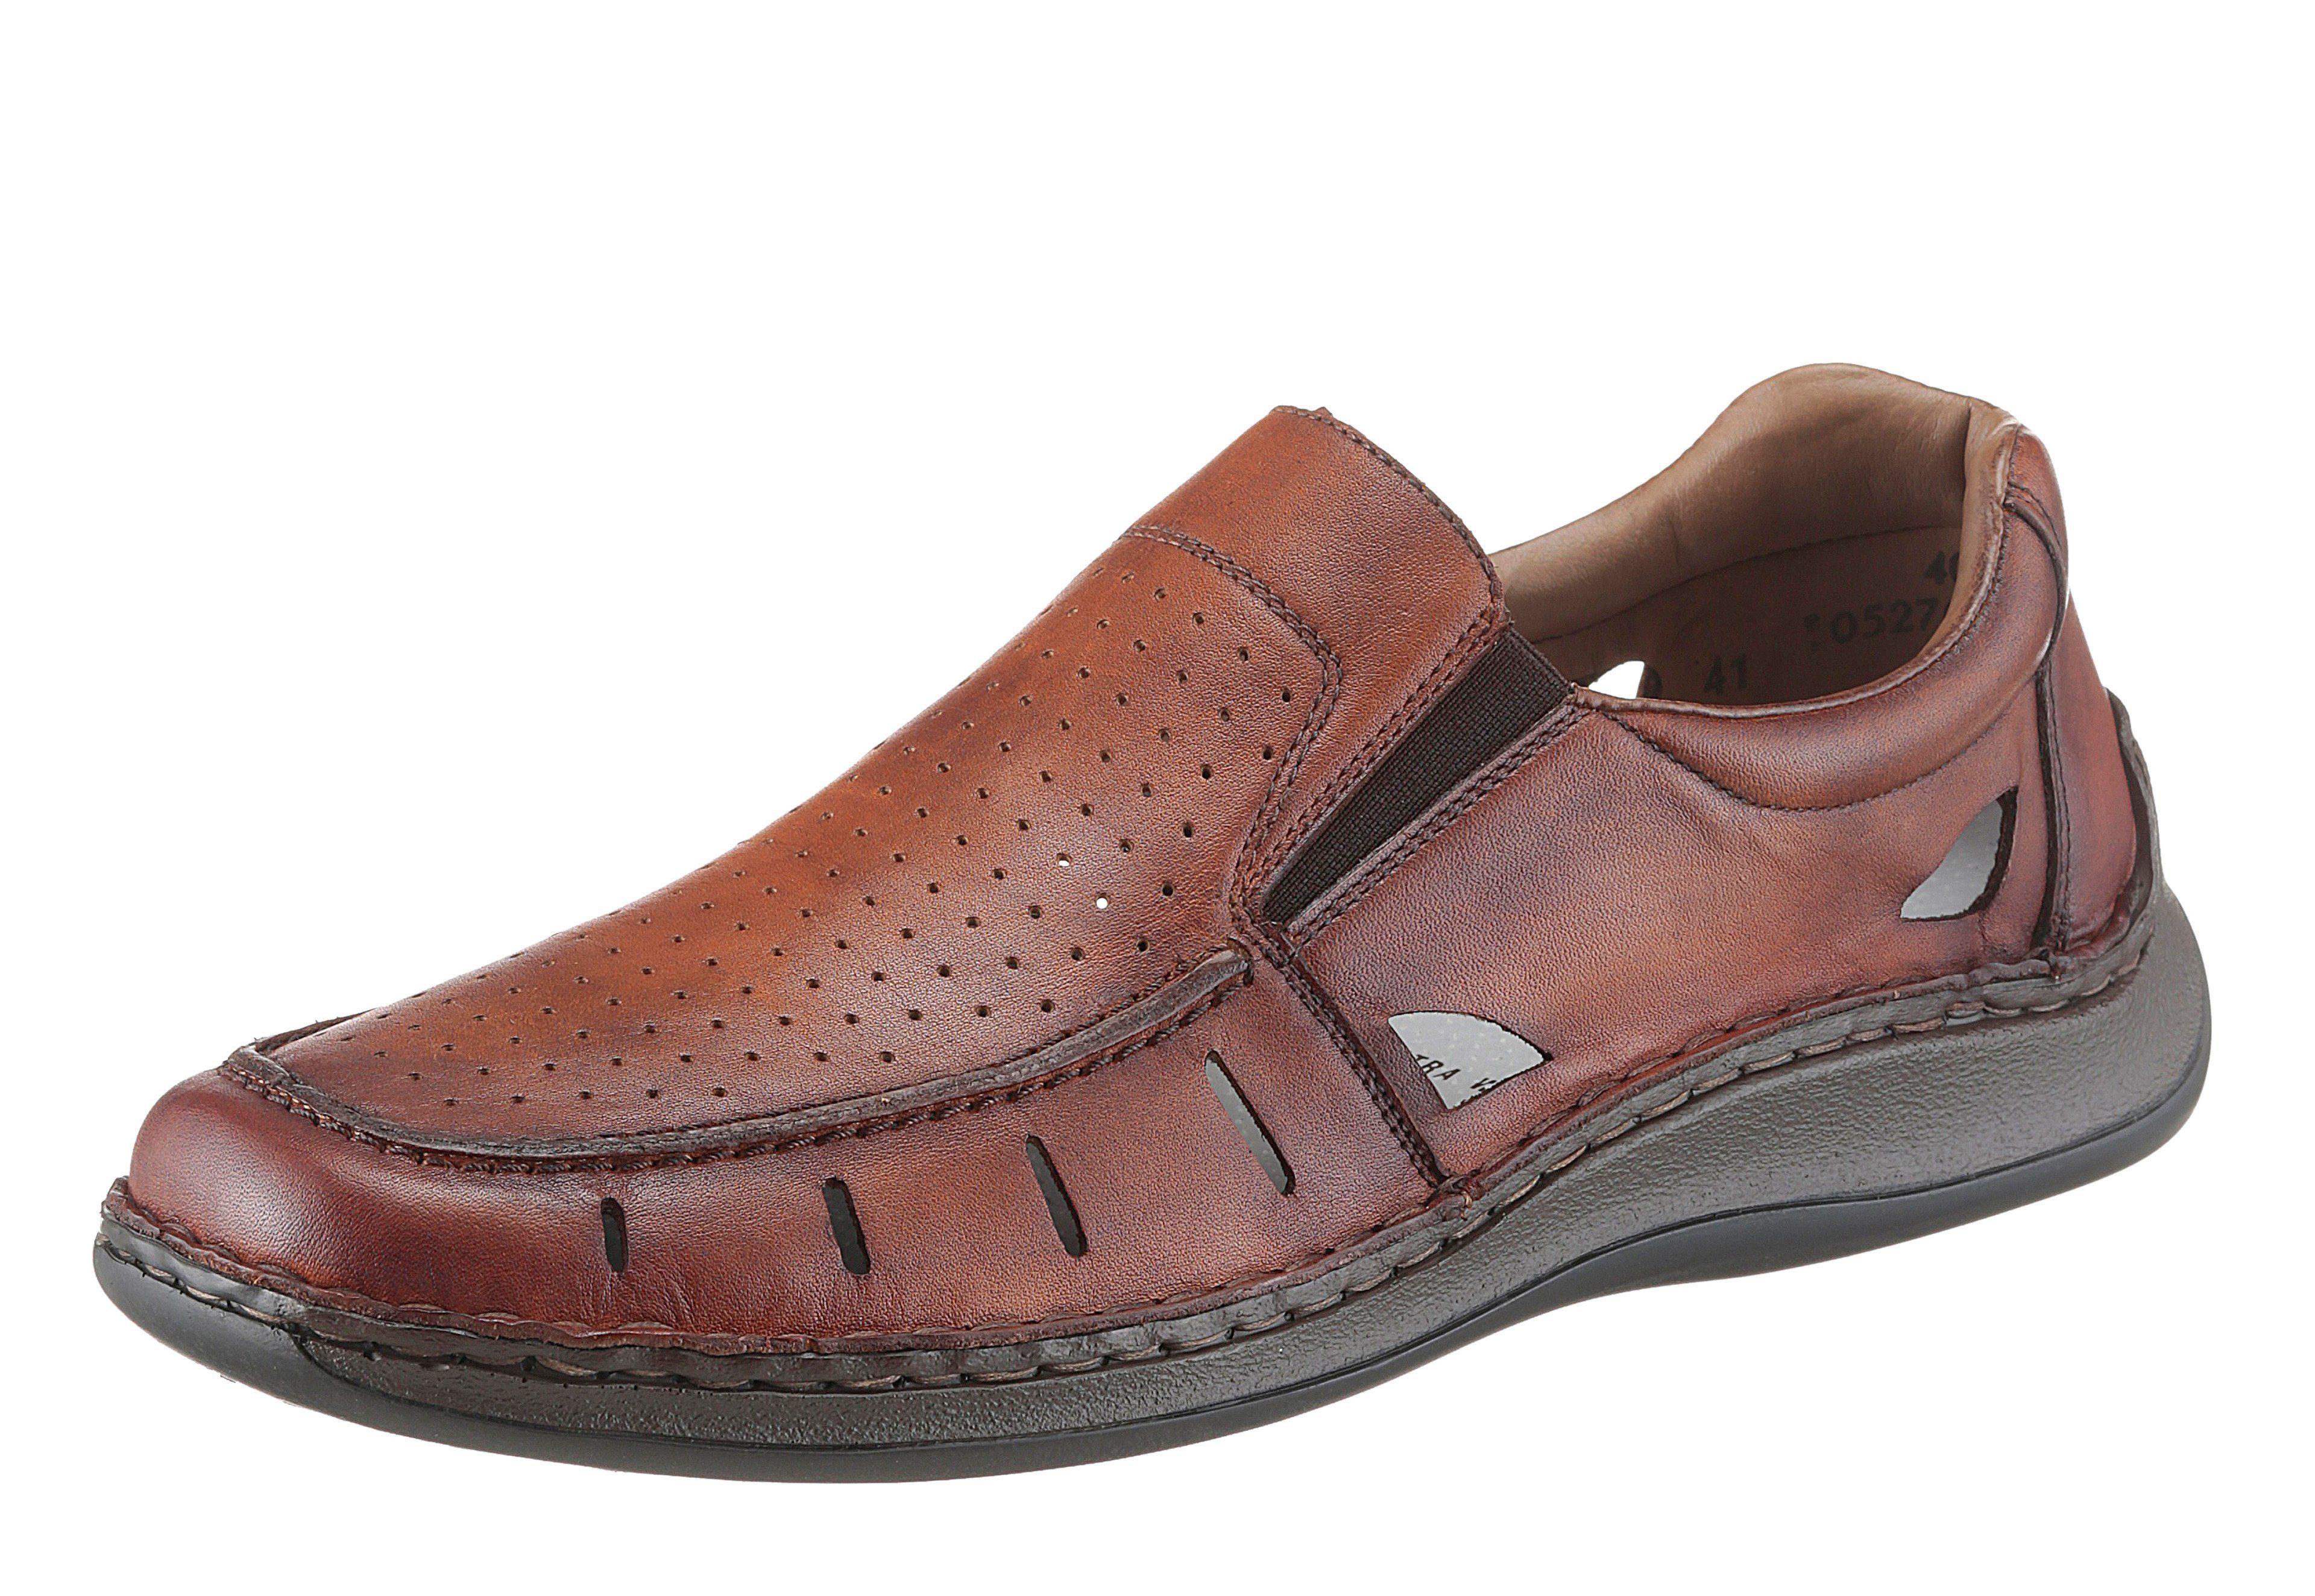 Sioux Cabaco Chaussures Brunes Avec L'entrée Pour Les Hommes koia6w